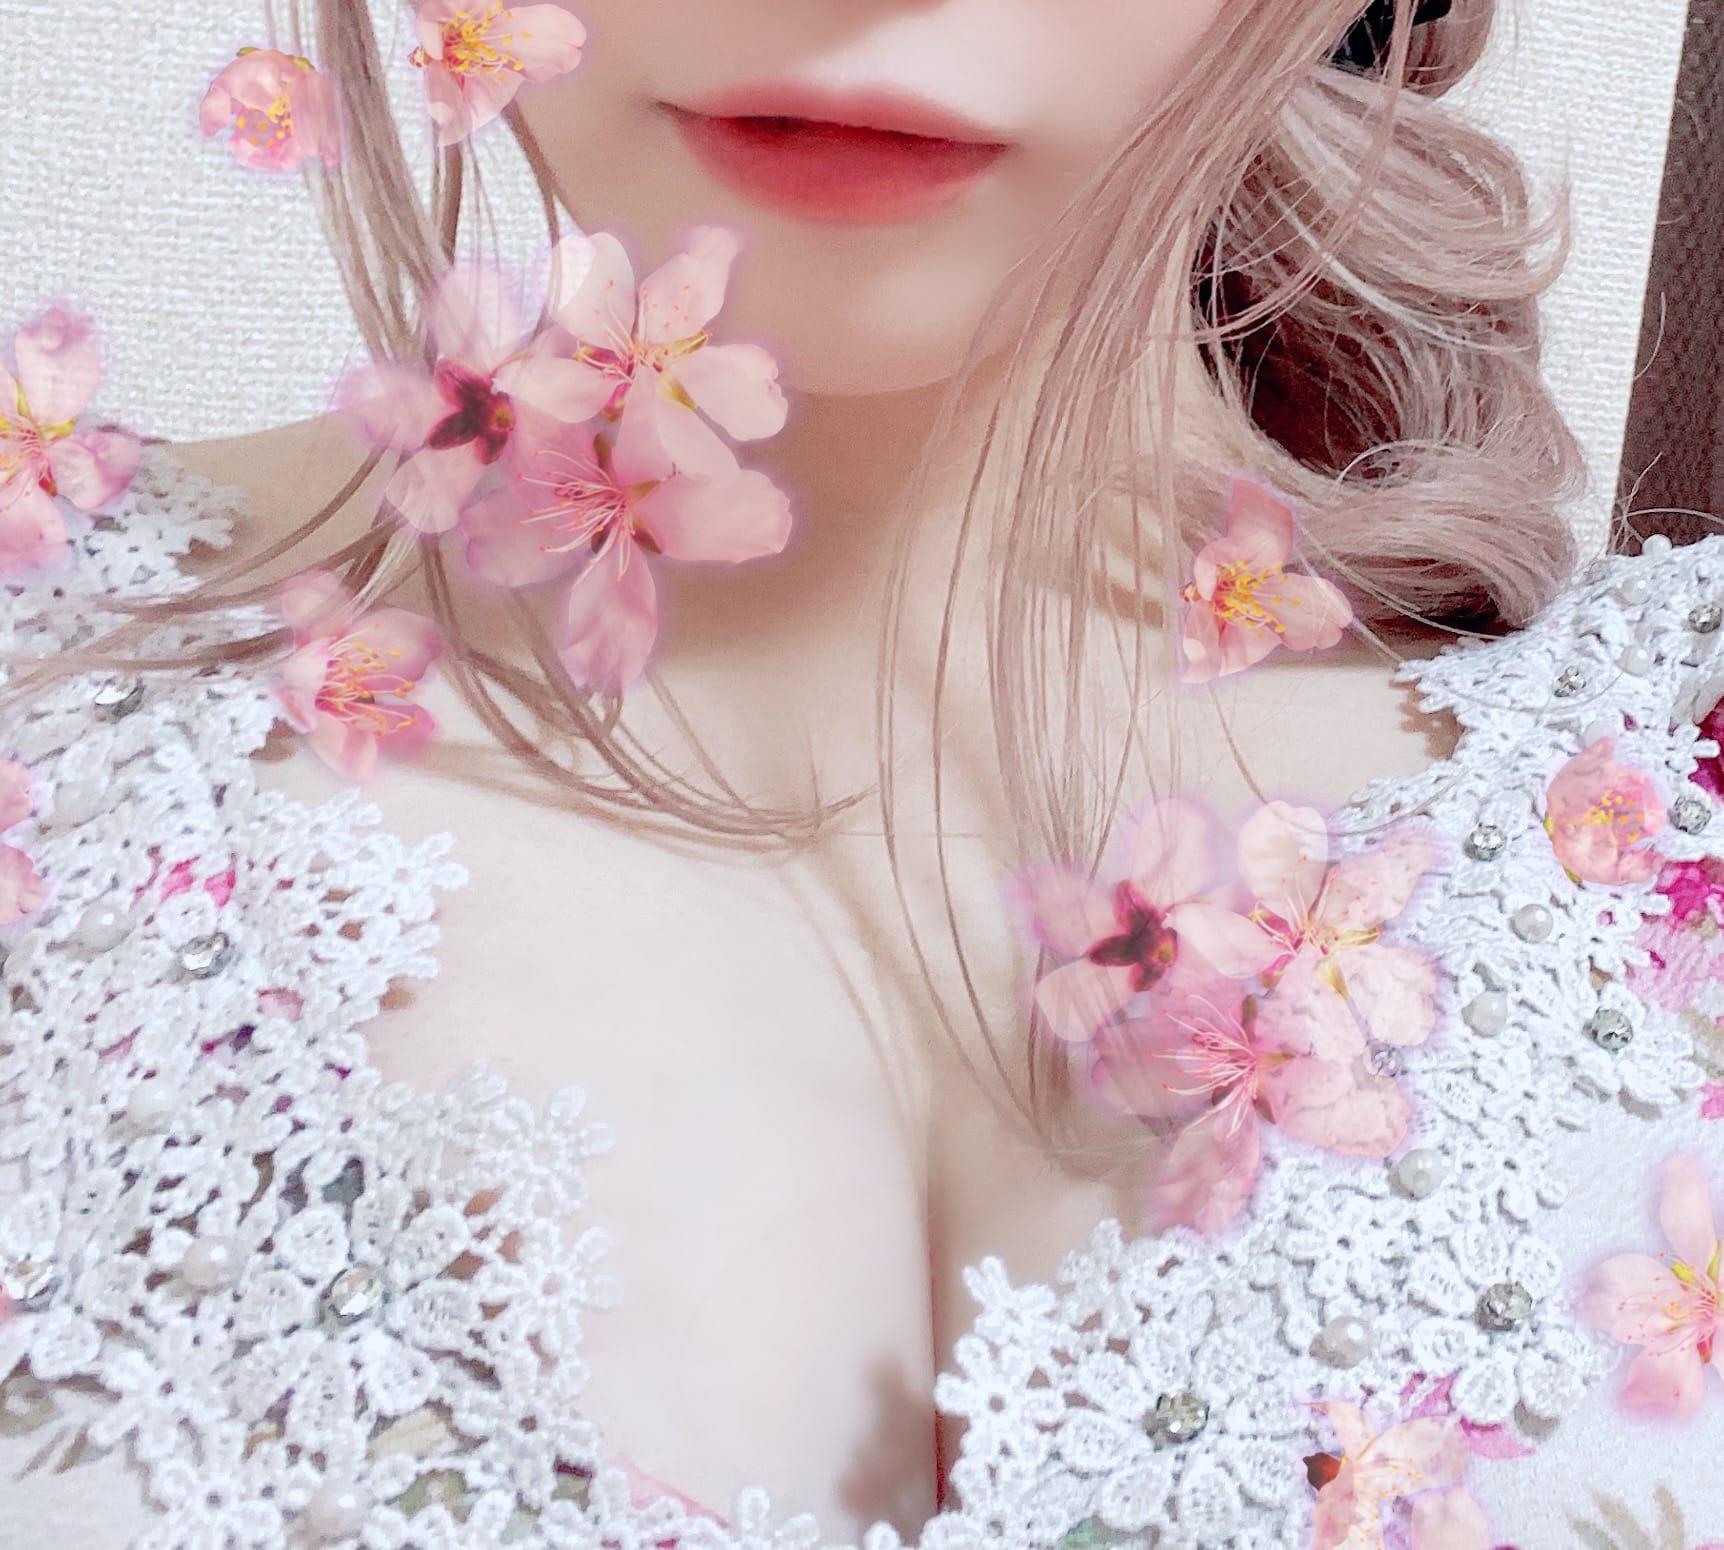 「5/7のお礼♡」05/10(月) 11:13 | ミツキ ☆S-rankの写メ日記